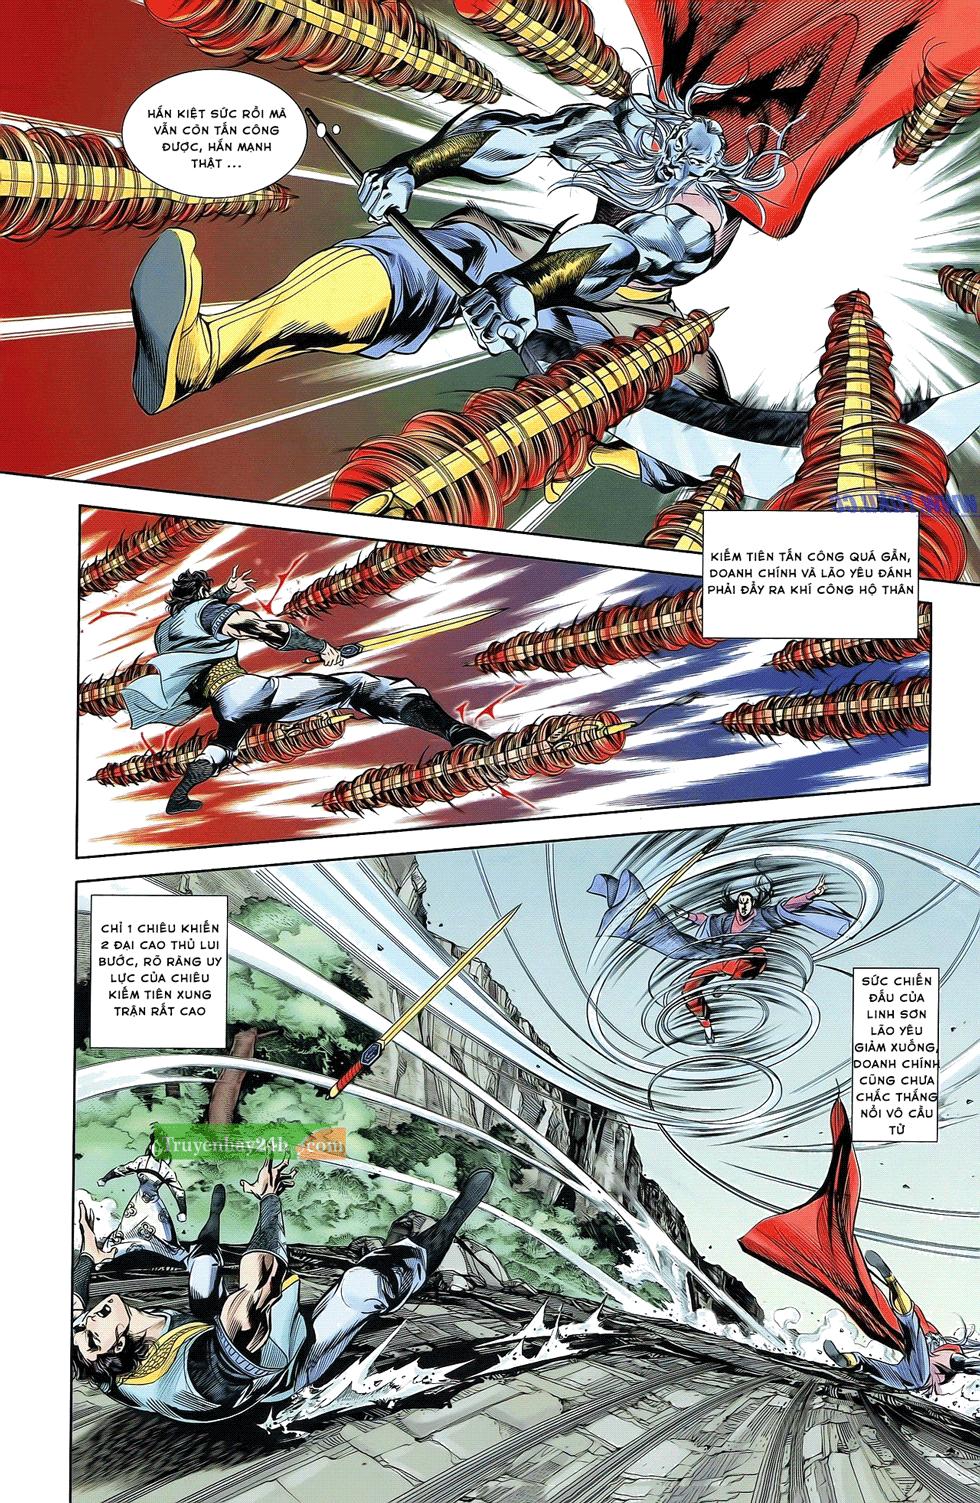 Tần Vương Doanh Chính chapter 21 trang 11